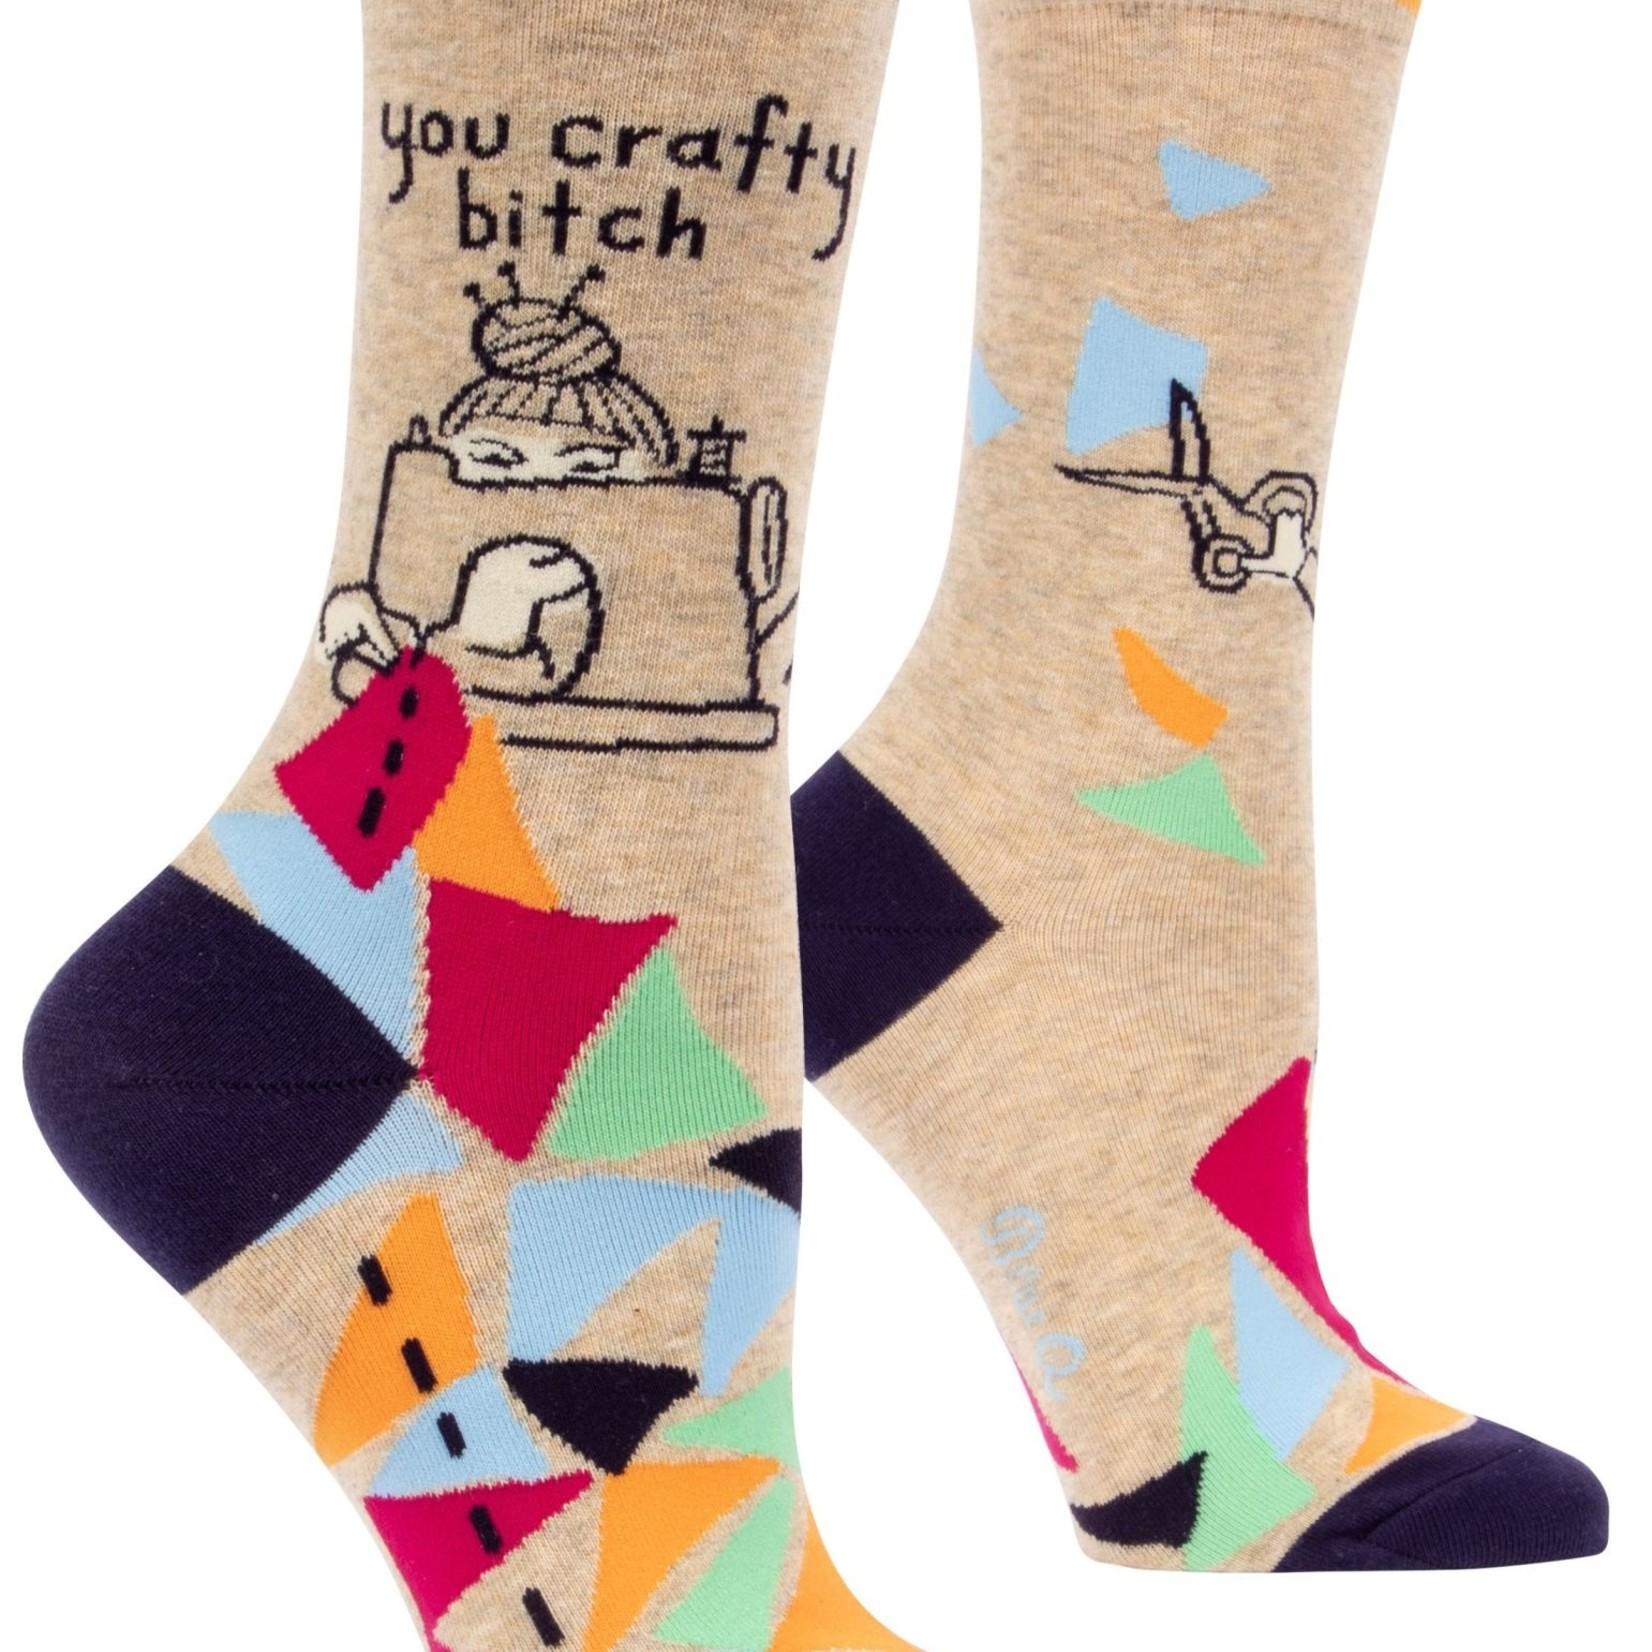 You Crafty Bitch Women's Crew Socks